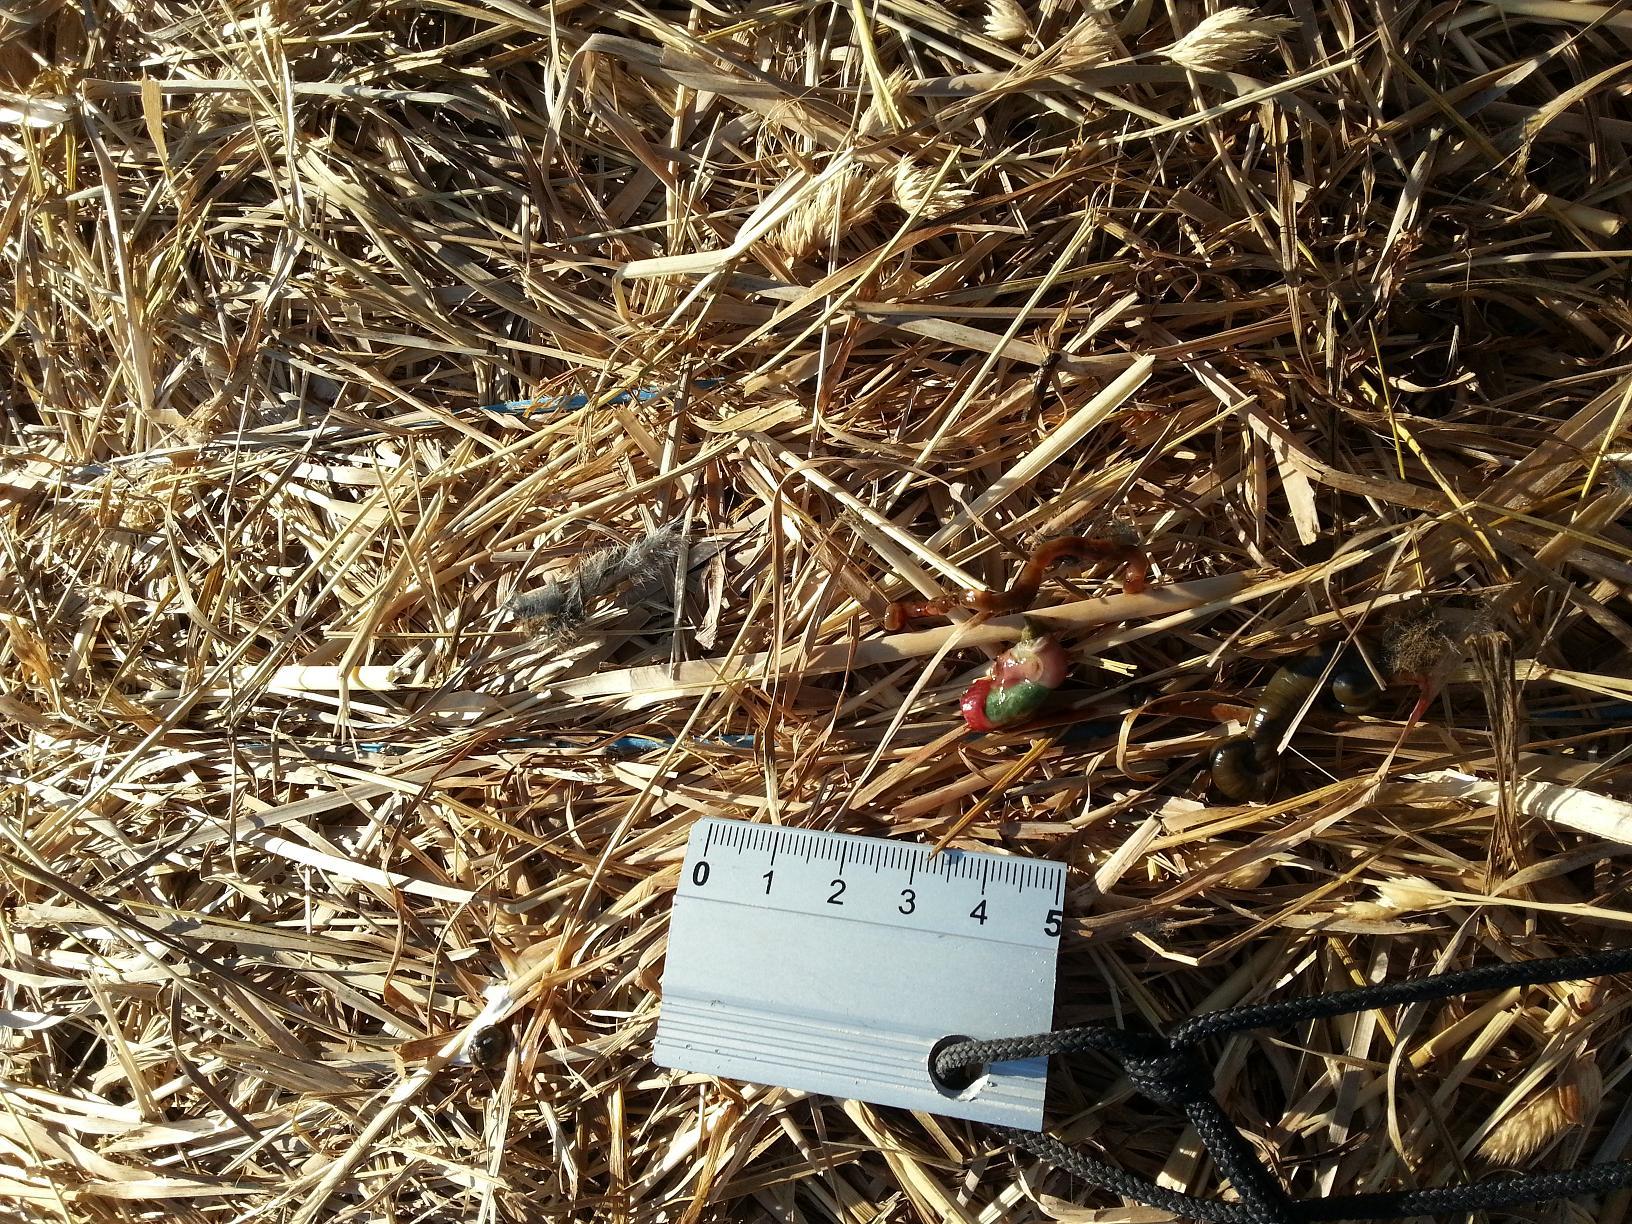 Ces indices trouvés au sommet d'une meule de foin sont